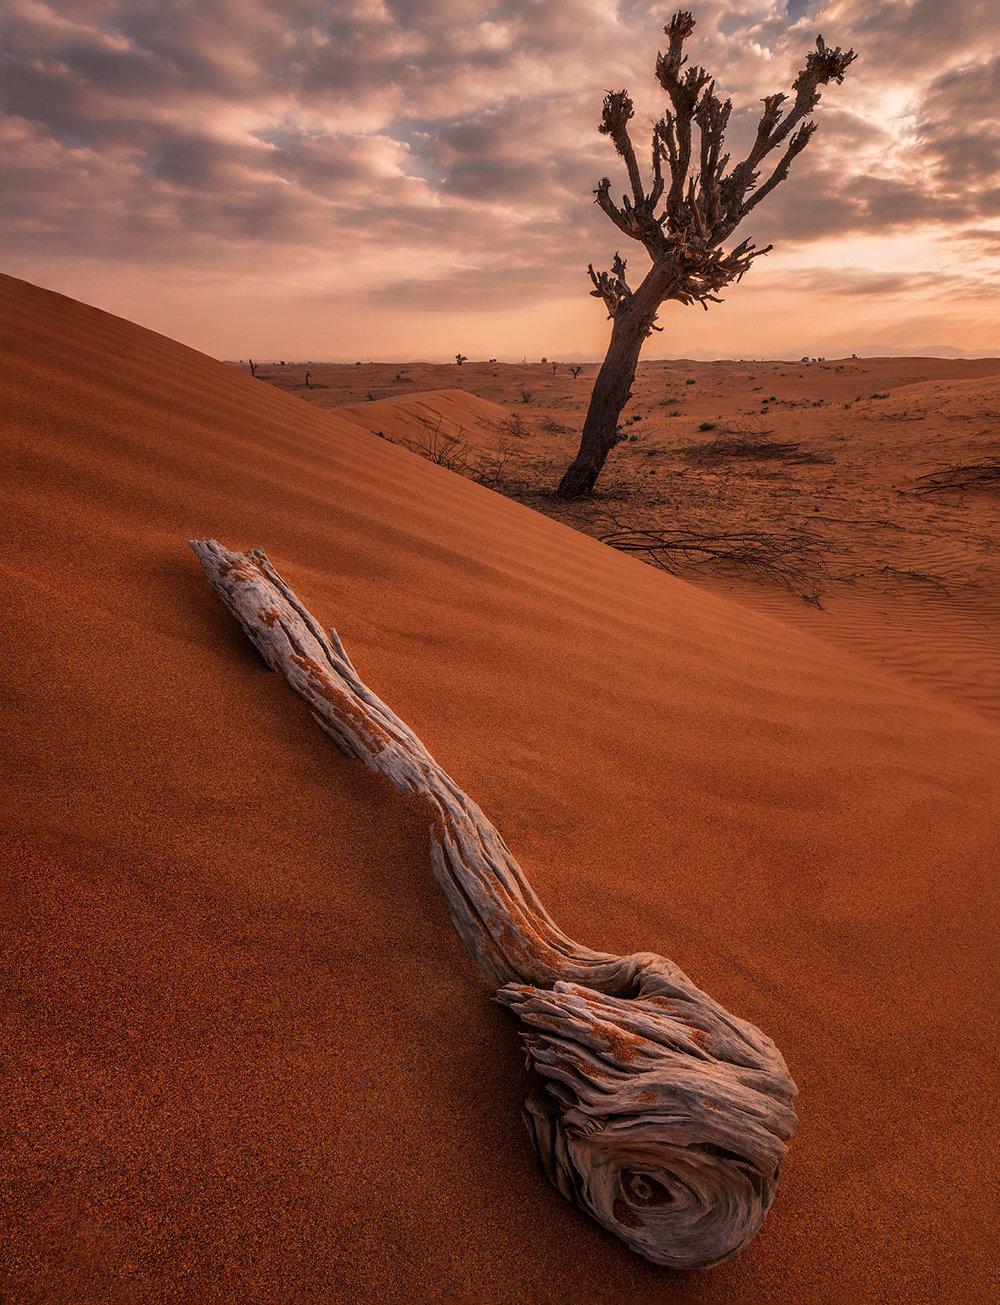 The desert of Sharjah